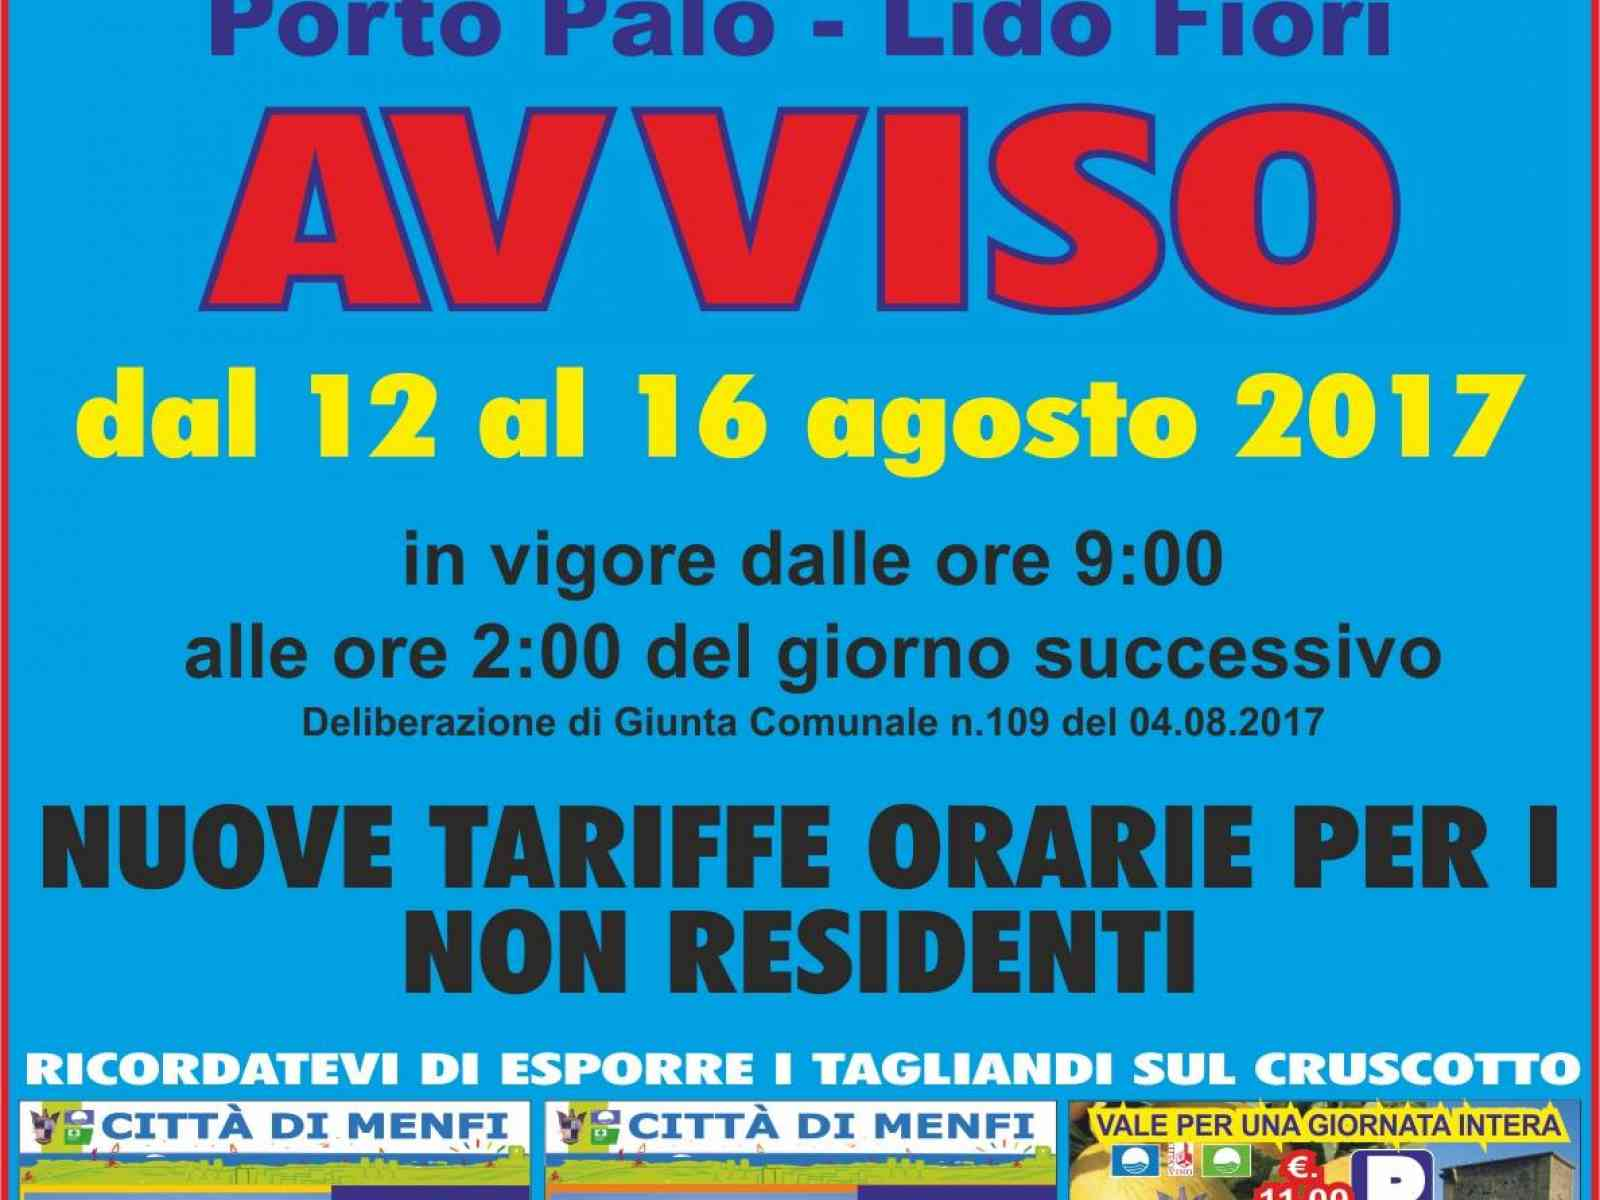 Porto Palo e Fiori, per ferragosto arriva il ticket per i non residenti, ecco i prezzi